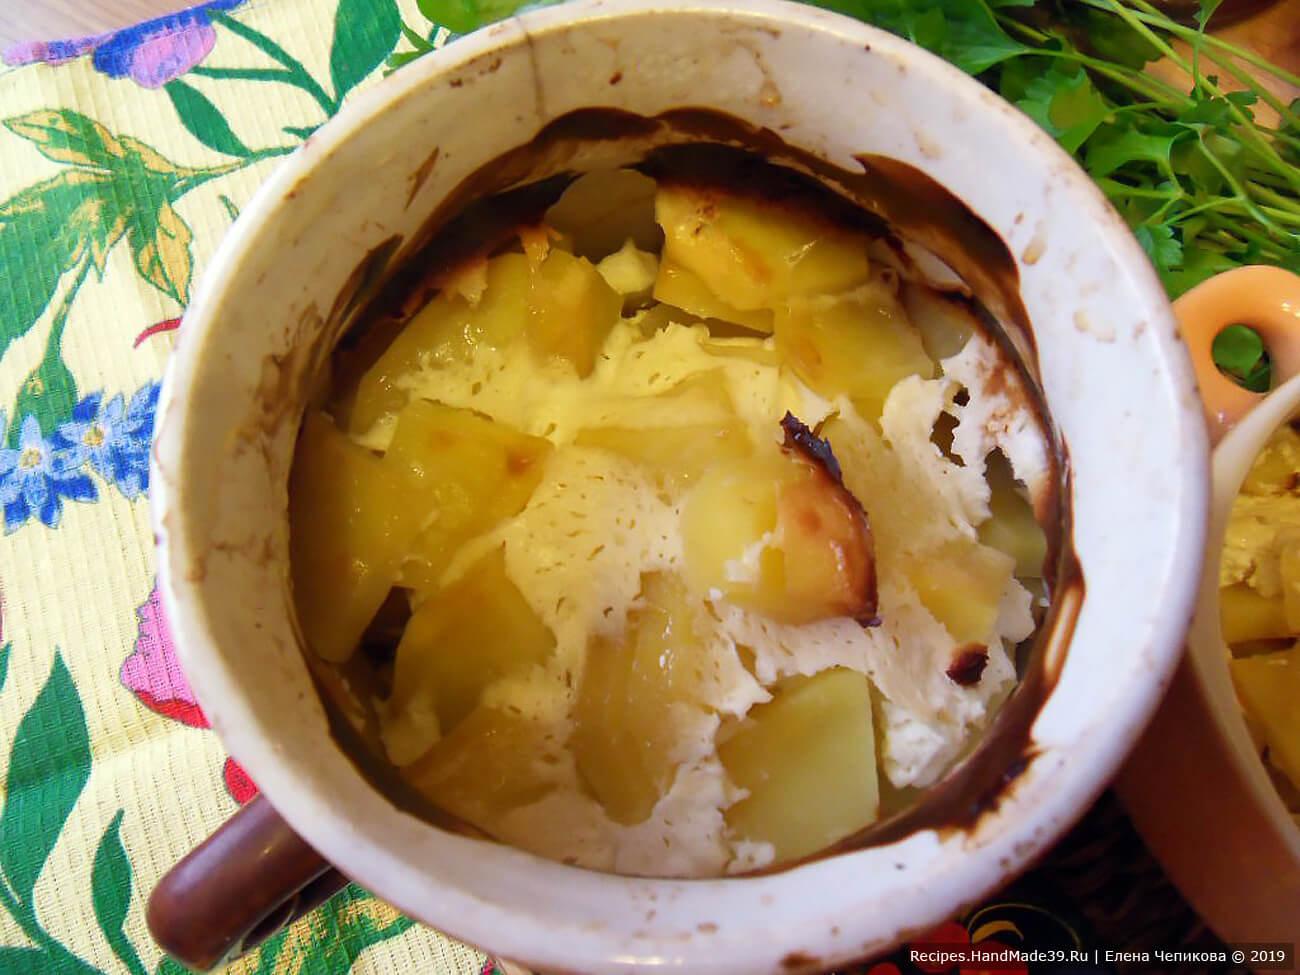 Горшочки закрыть крышками и запечь в духовке в течение 30-40 минут при температуре 200 °C. Приятного аппетита!